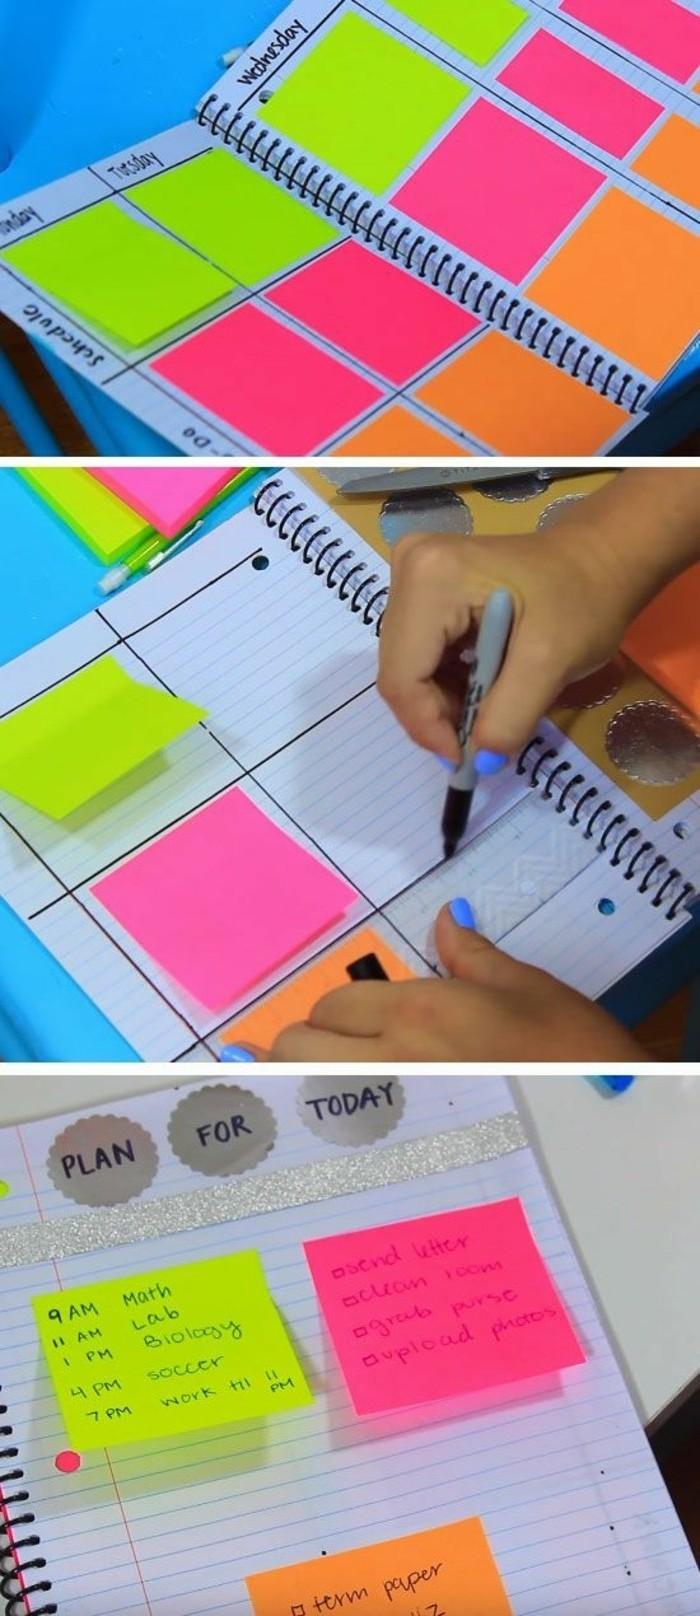 agenda-scolaire-personnalise-avec-de-feuilles-post-it-de-couleurs-differentes-idee-diy-sympa